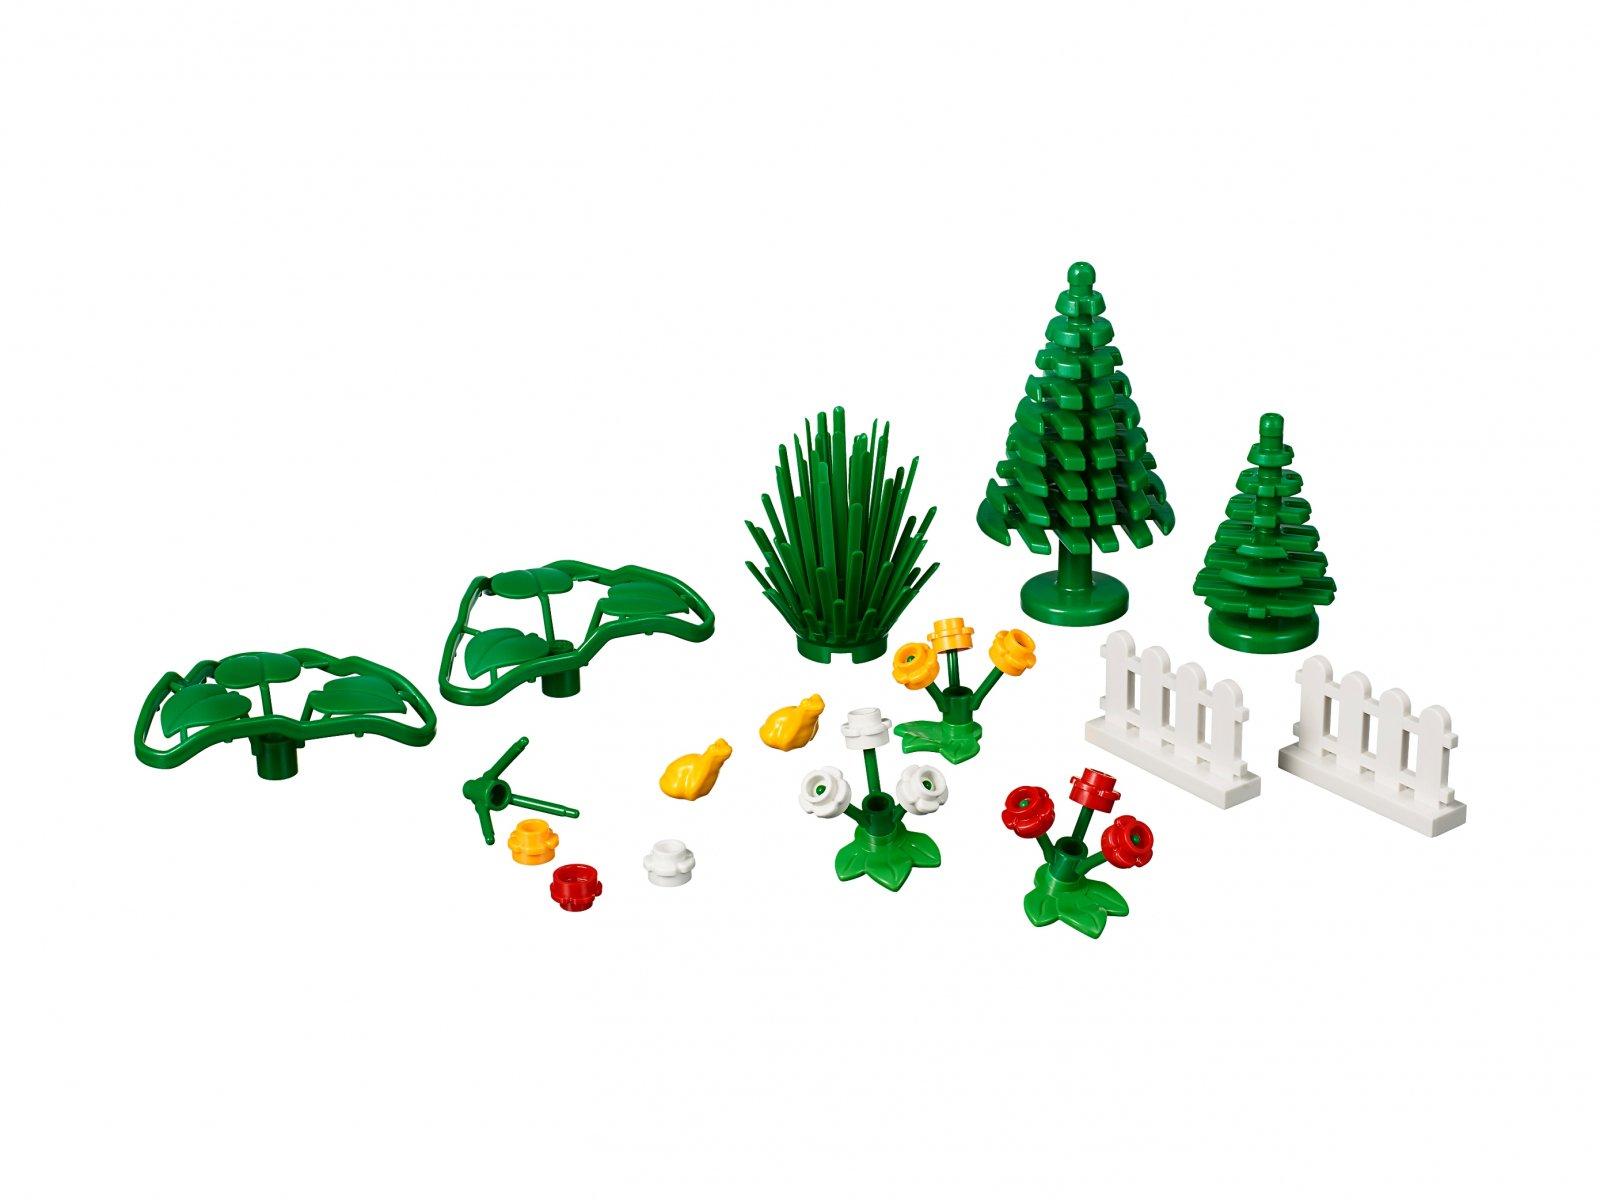 LEGO 40310 Akcesoria botaniczne